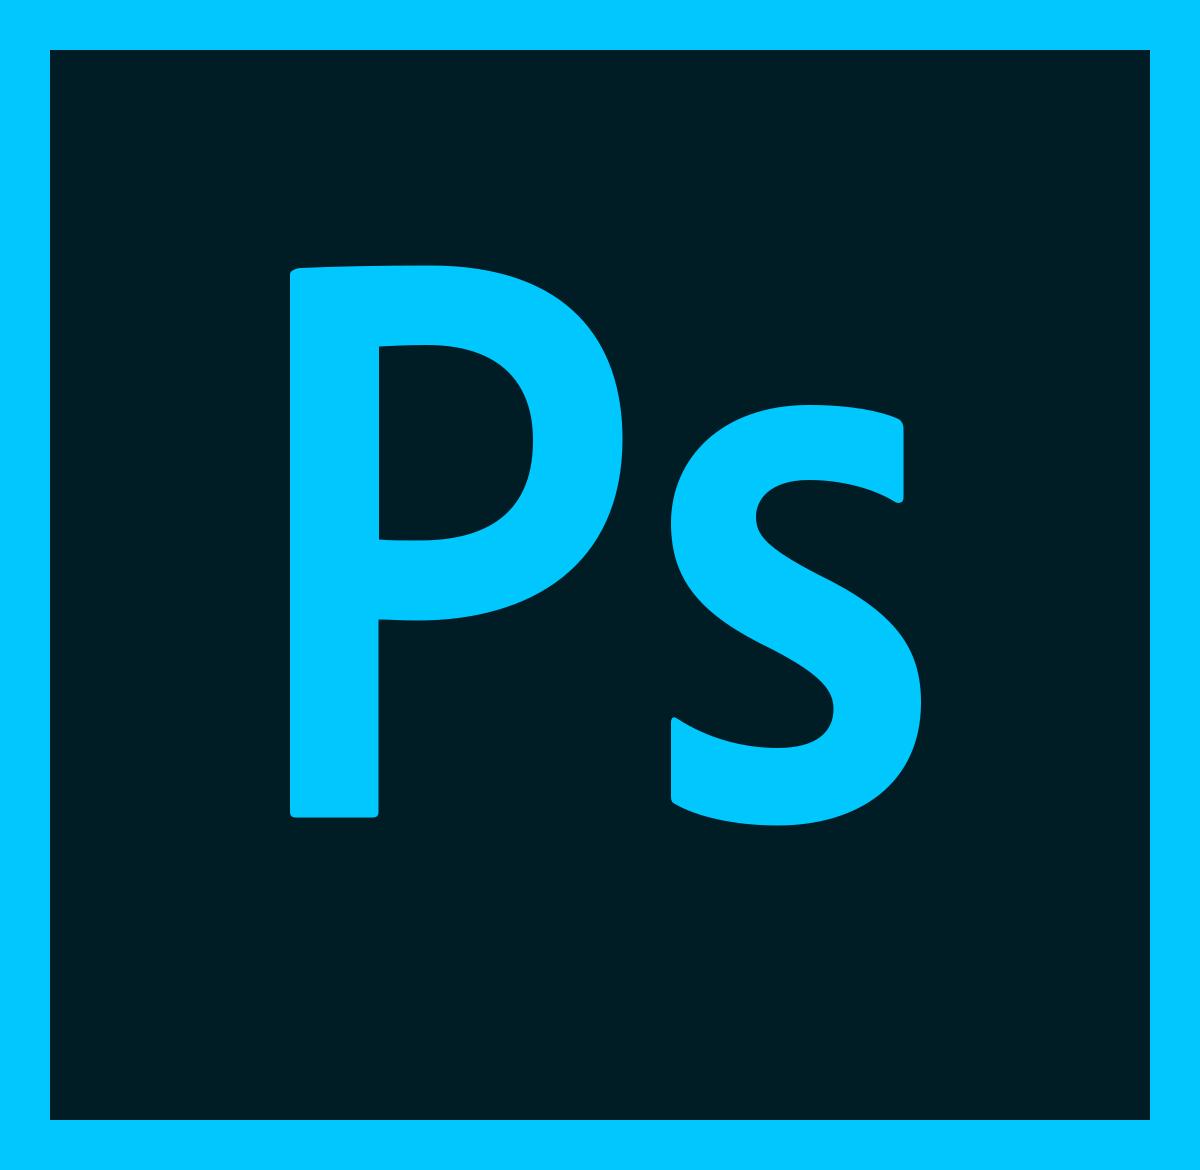 Adobe Photoshop Essentials ONLINE - Spring 2019